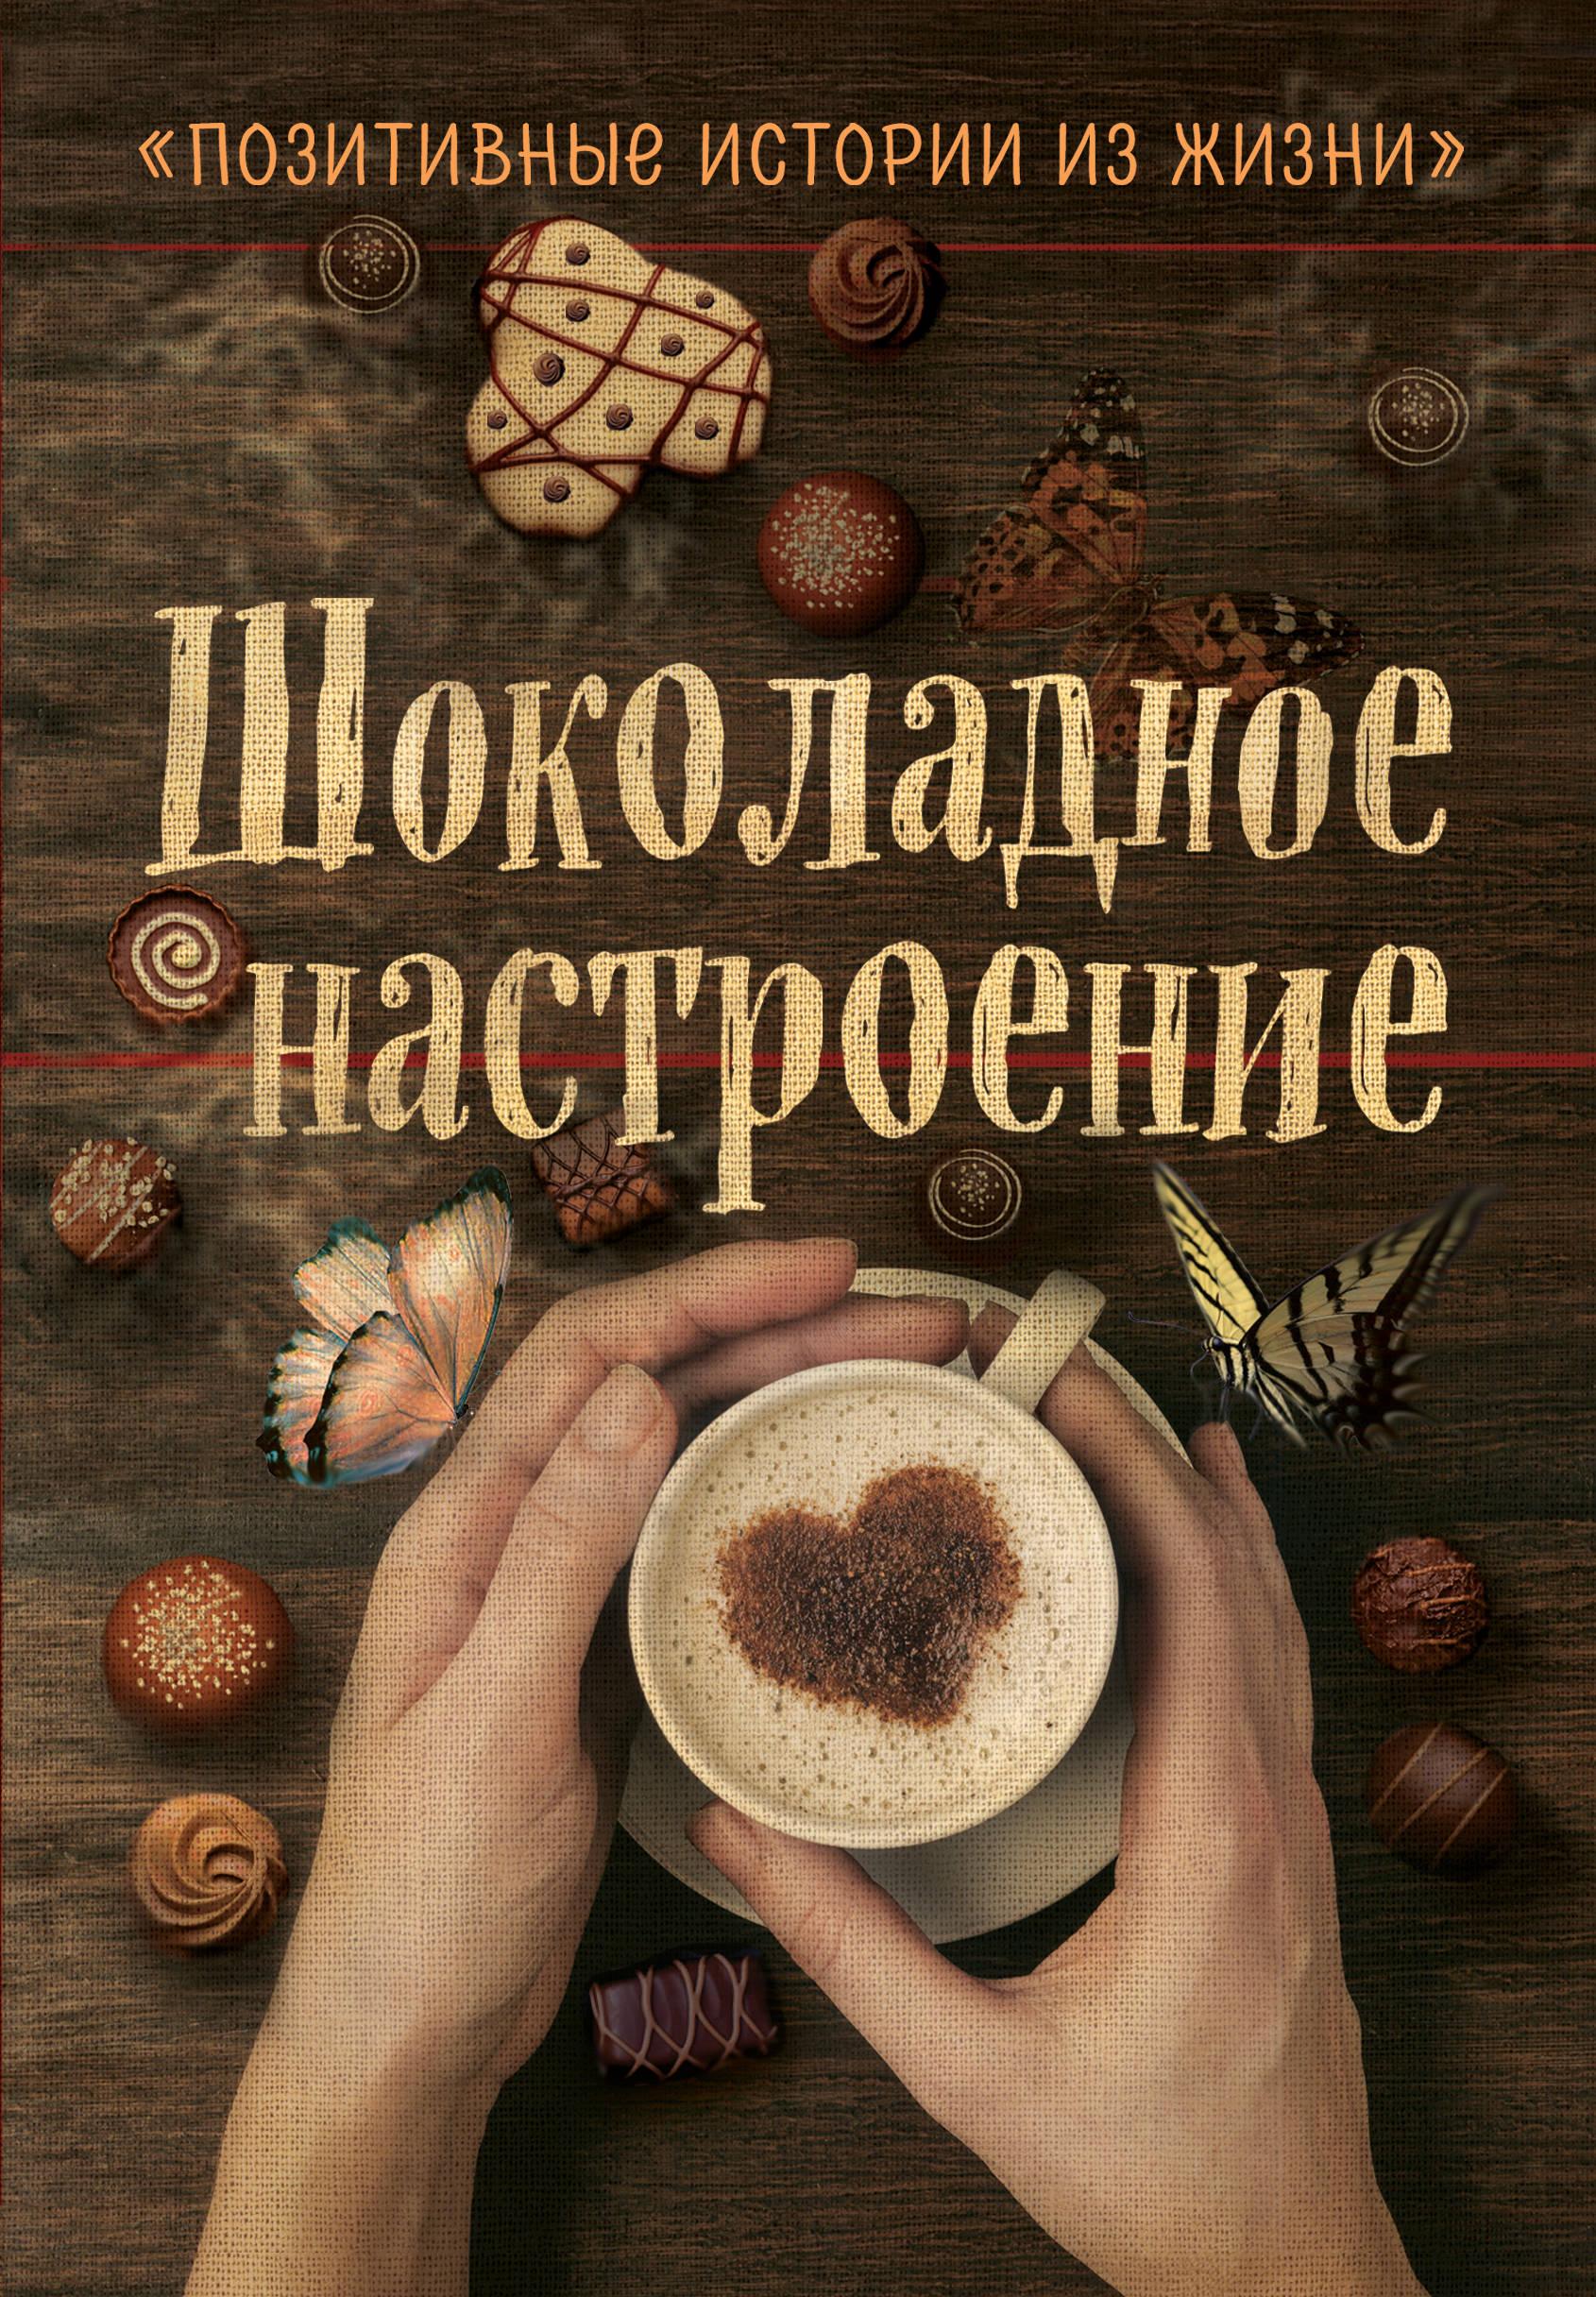 Картинки шоколадного настроения